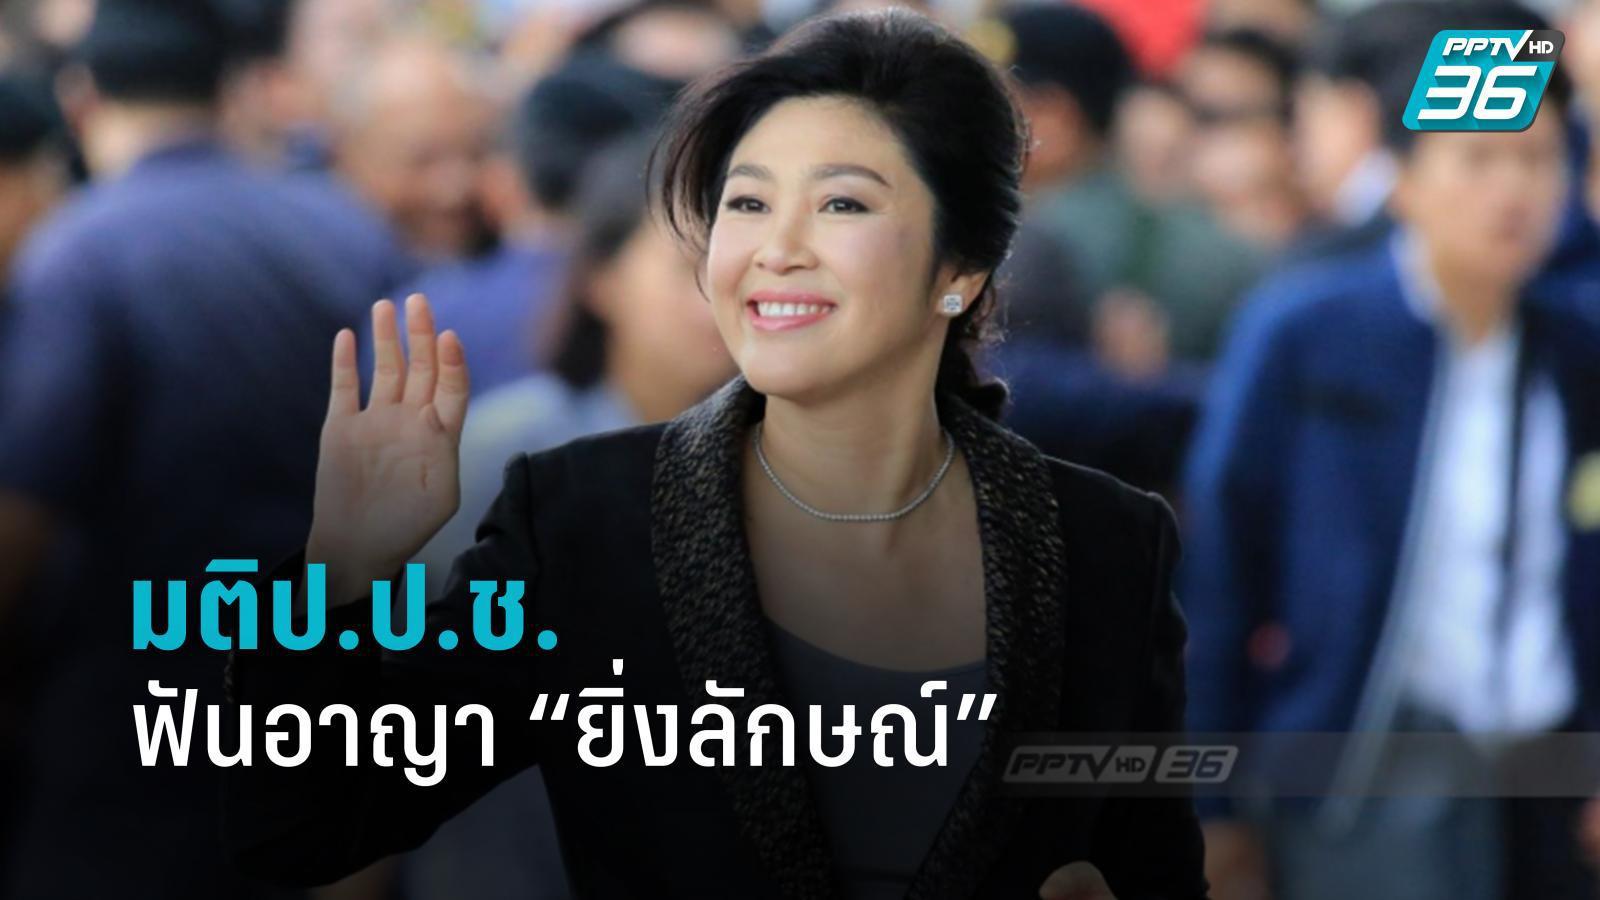 """ป.ป.ช. ฟันอาญา """"ยิ่งลักษณ์""""พร้อมพวก จัดอีเว้นท์ สร้างอนาคตไทย สูญเงิน 240 ล้านบาท"""